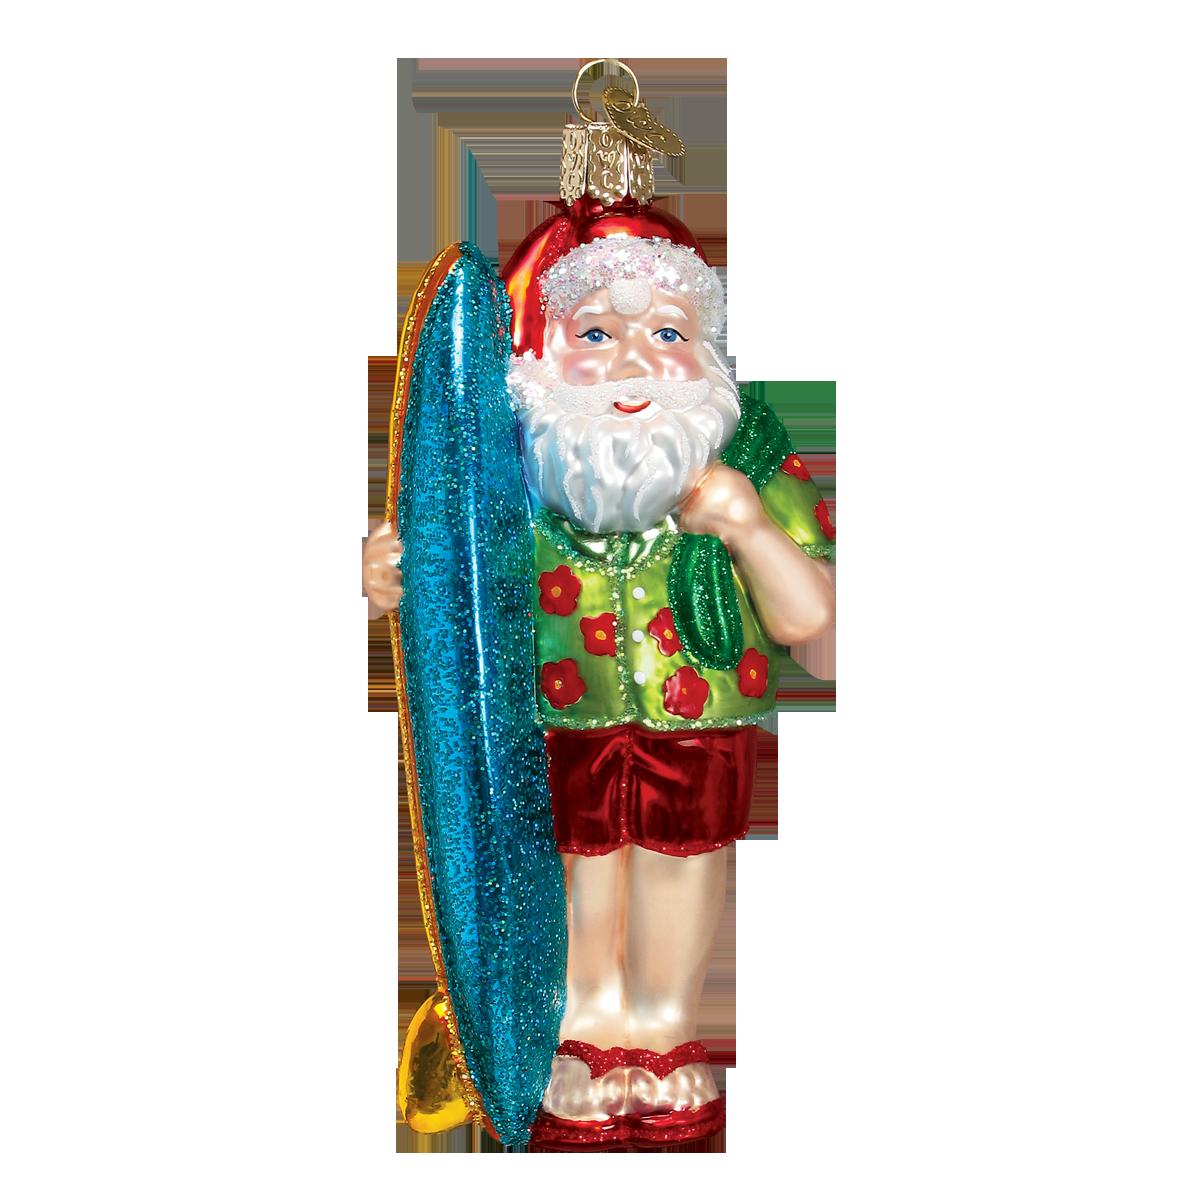 Christmas Tree Ornament Margaritaville Parrot Surfing Jim Shore NEW w// gift box